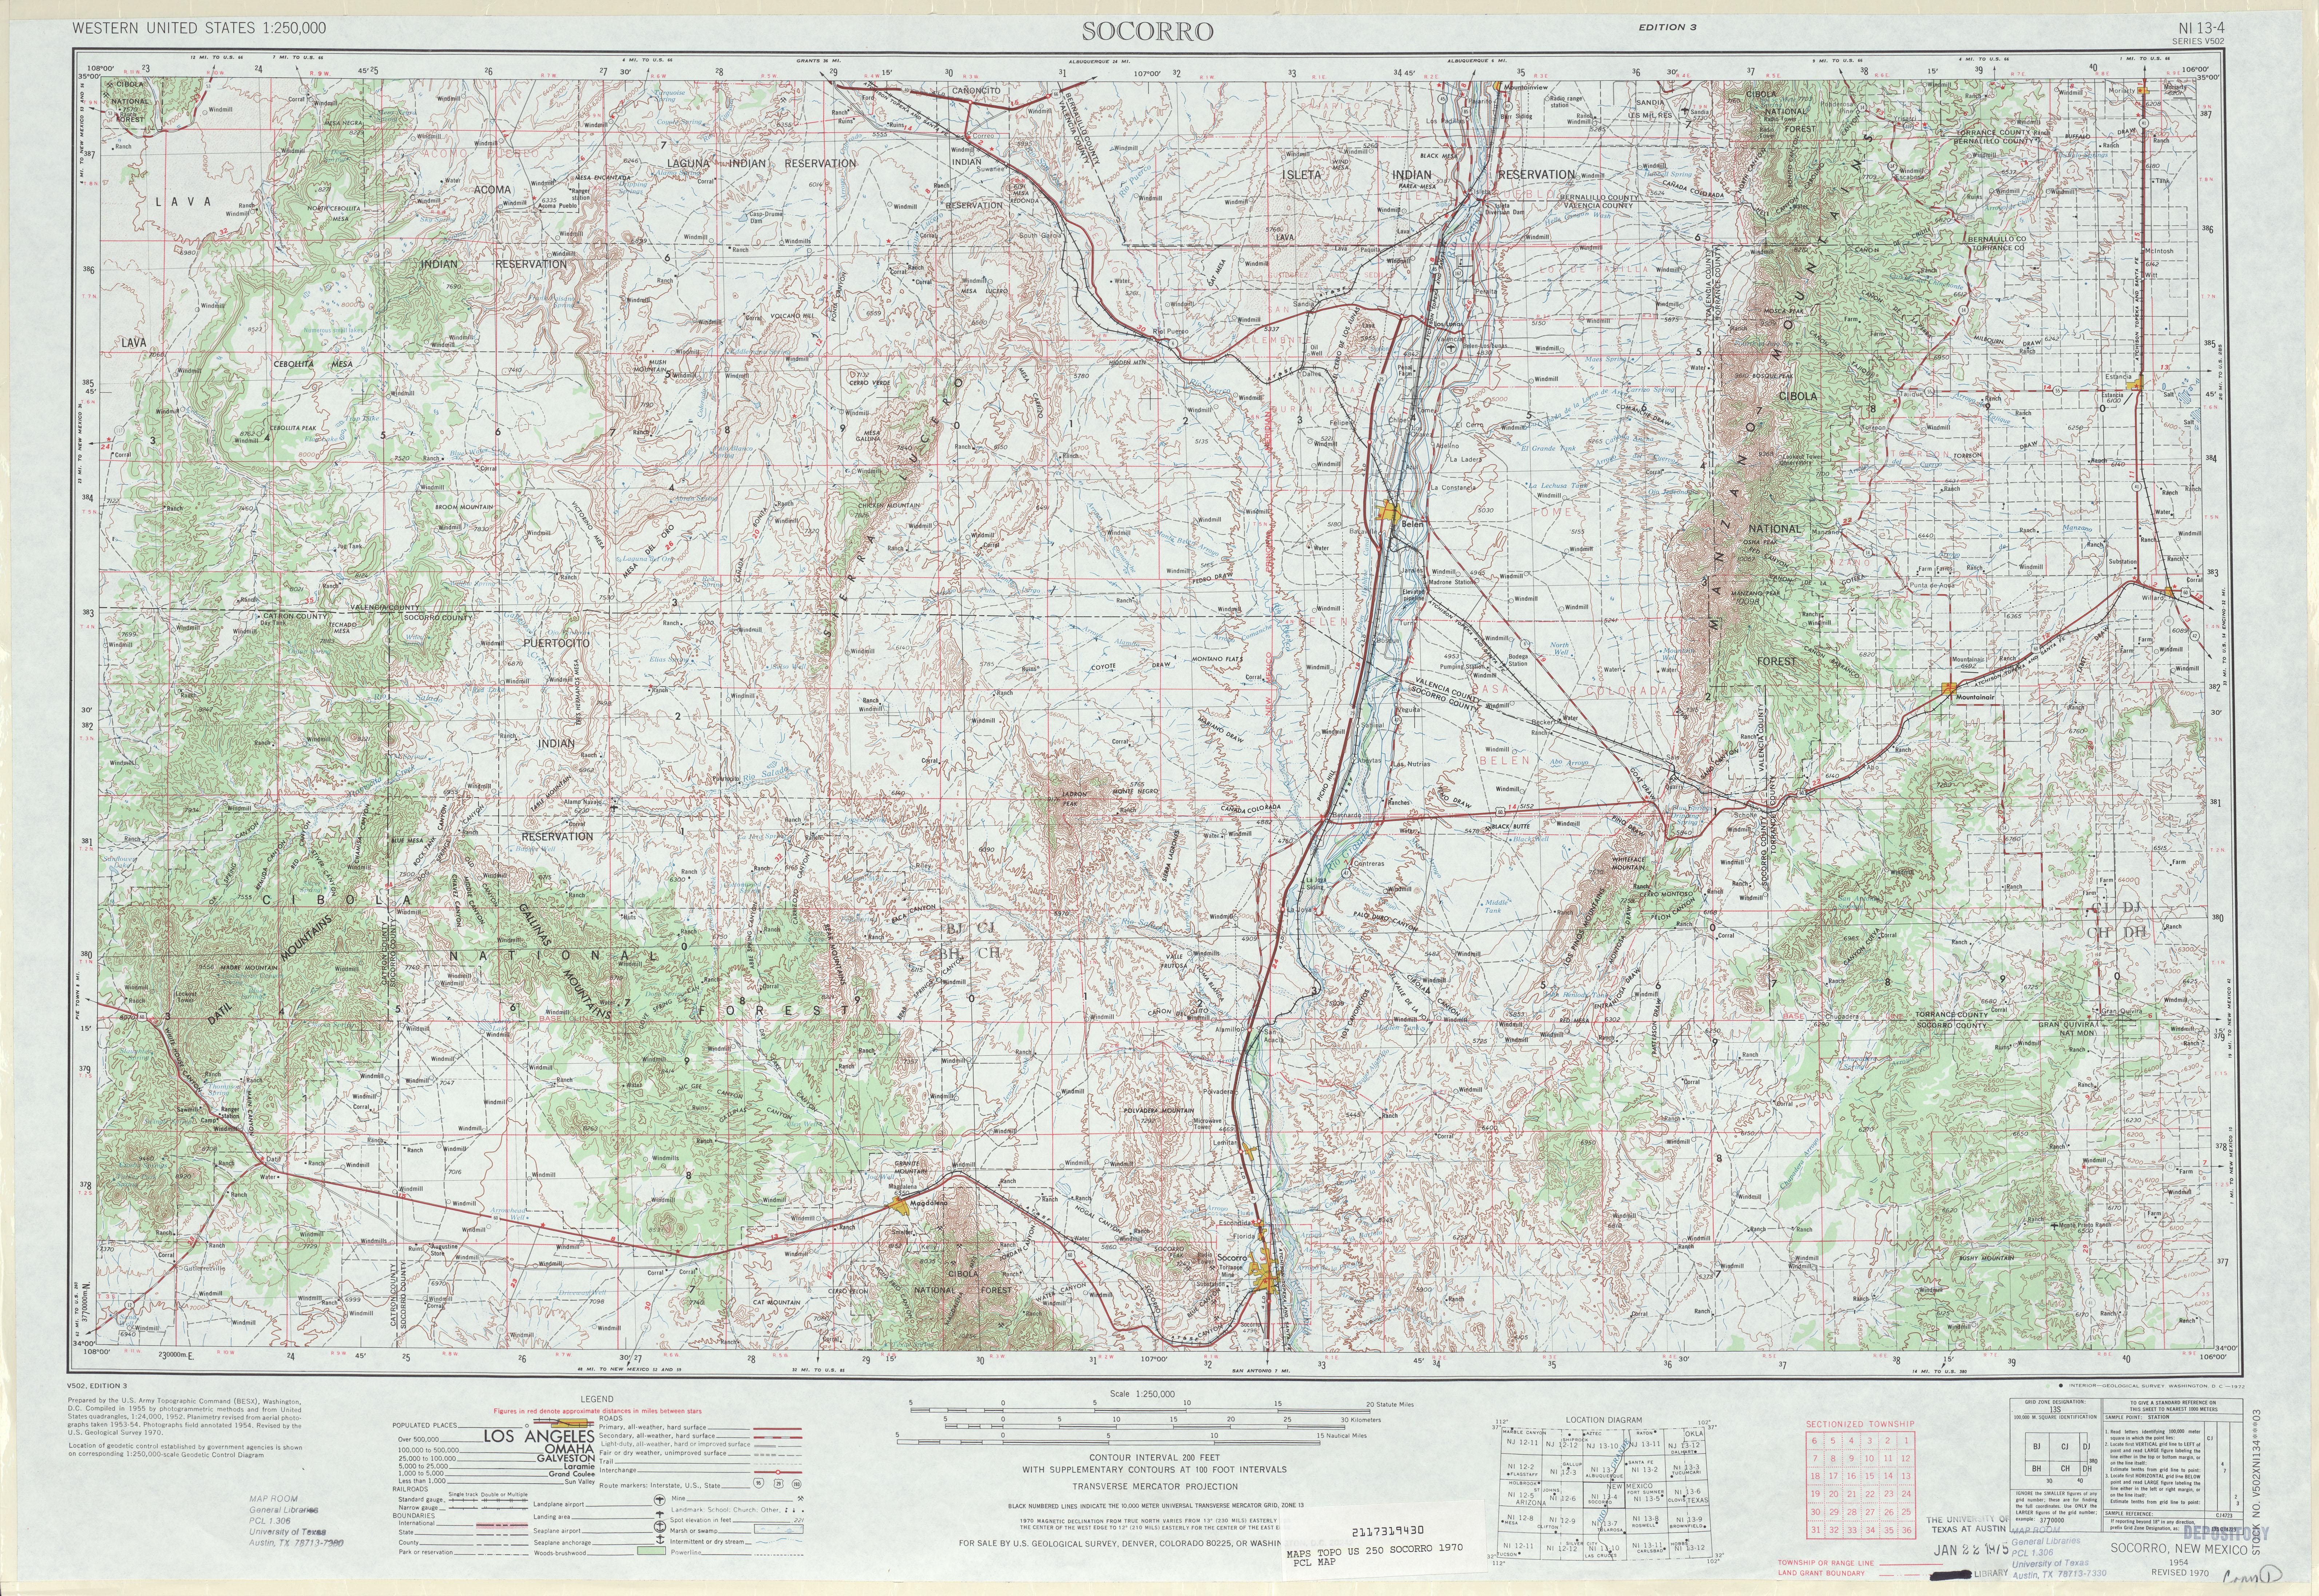 Hoja Socorro del Mapa Topográfico de los Estados Unidos 1970